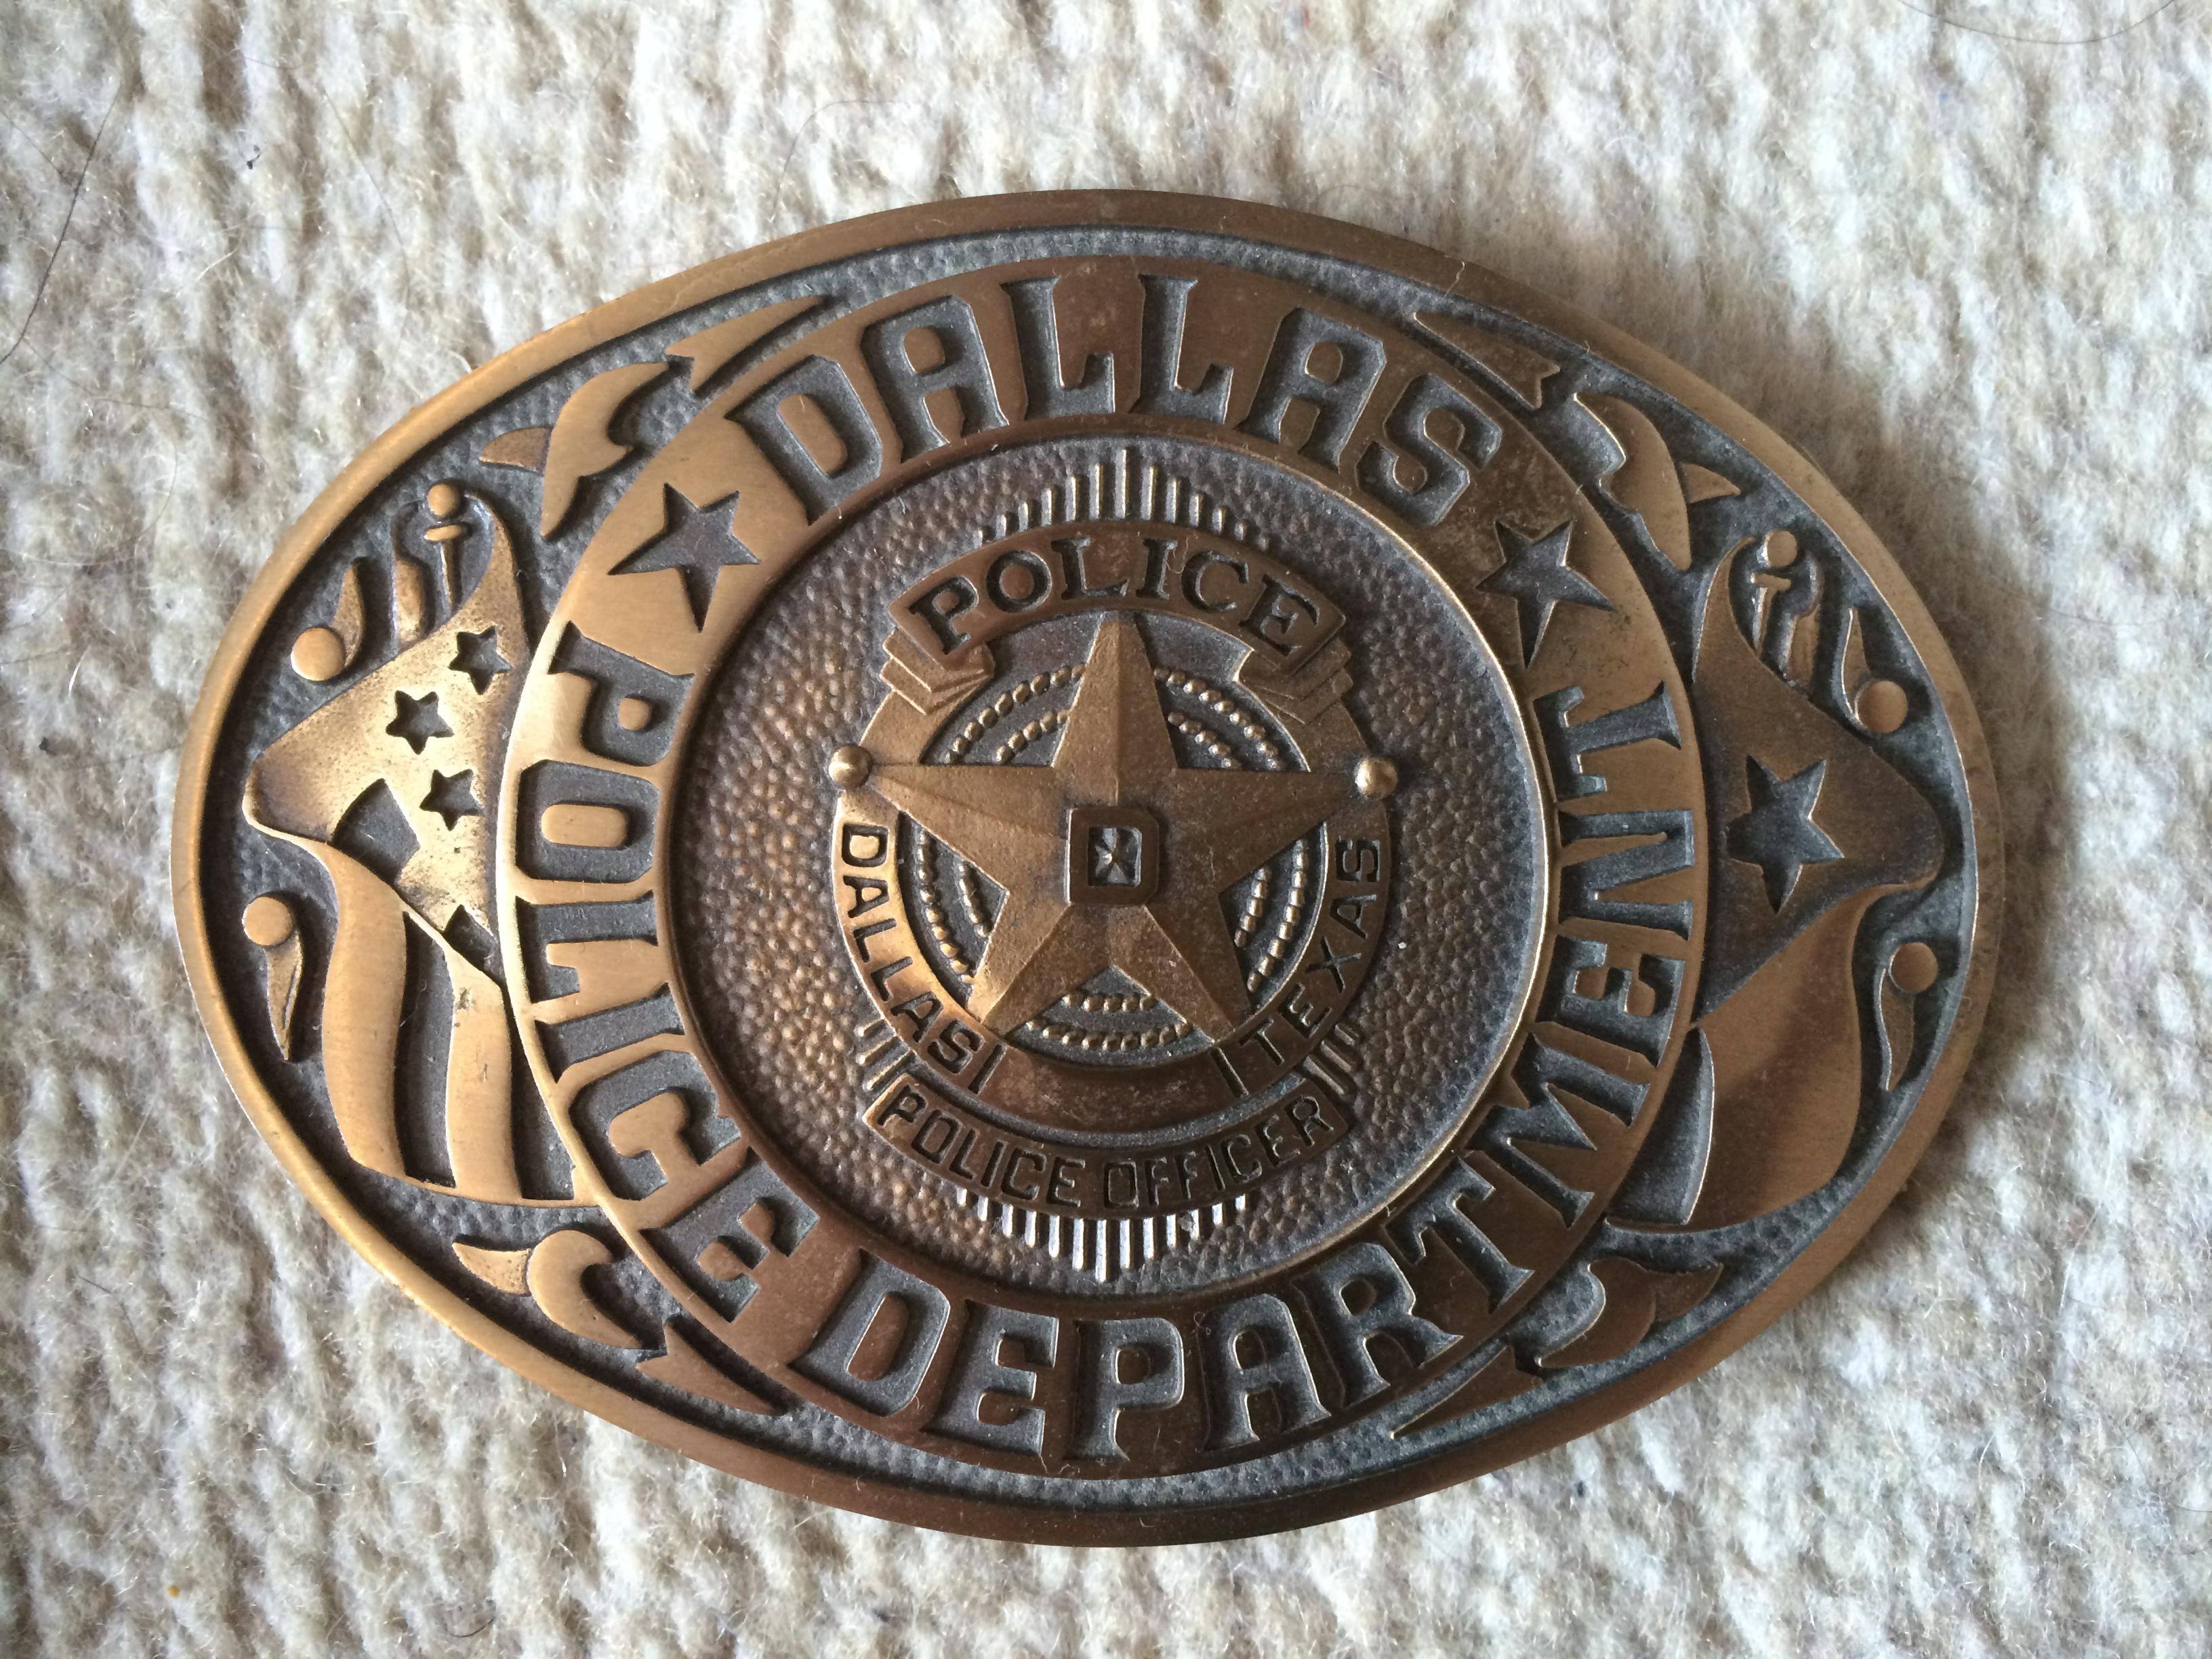 Dallas Police Buckle. Pic. Barto